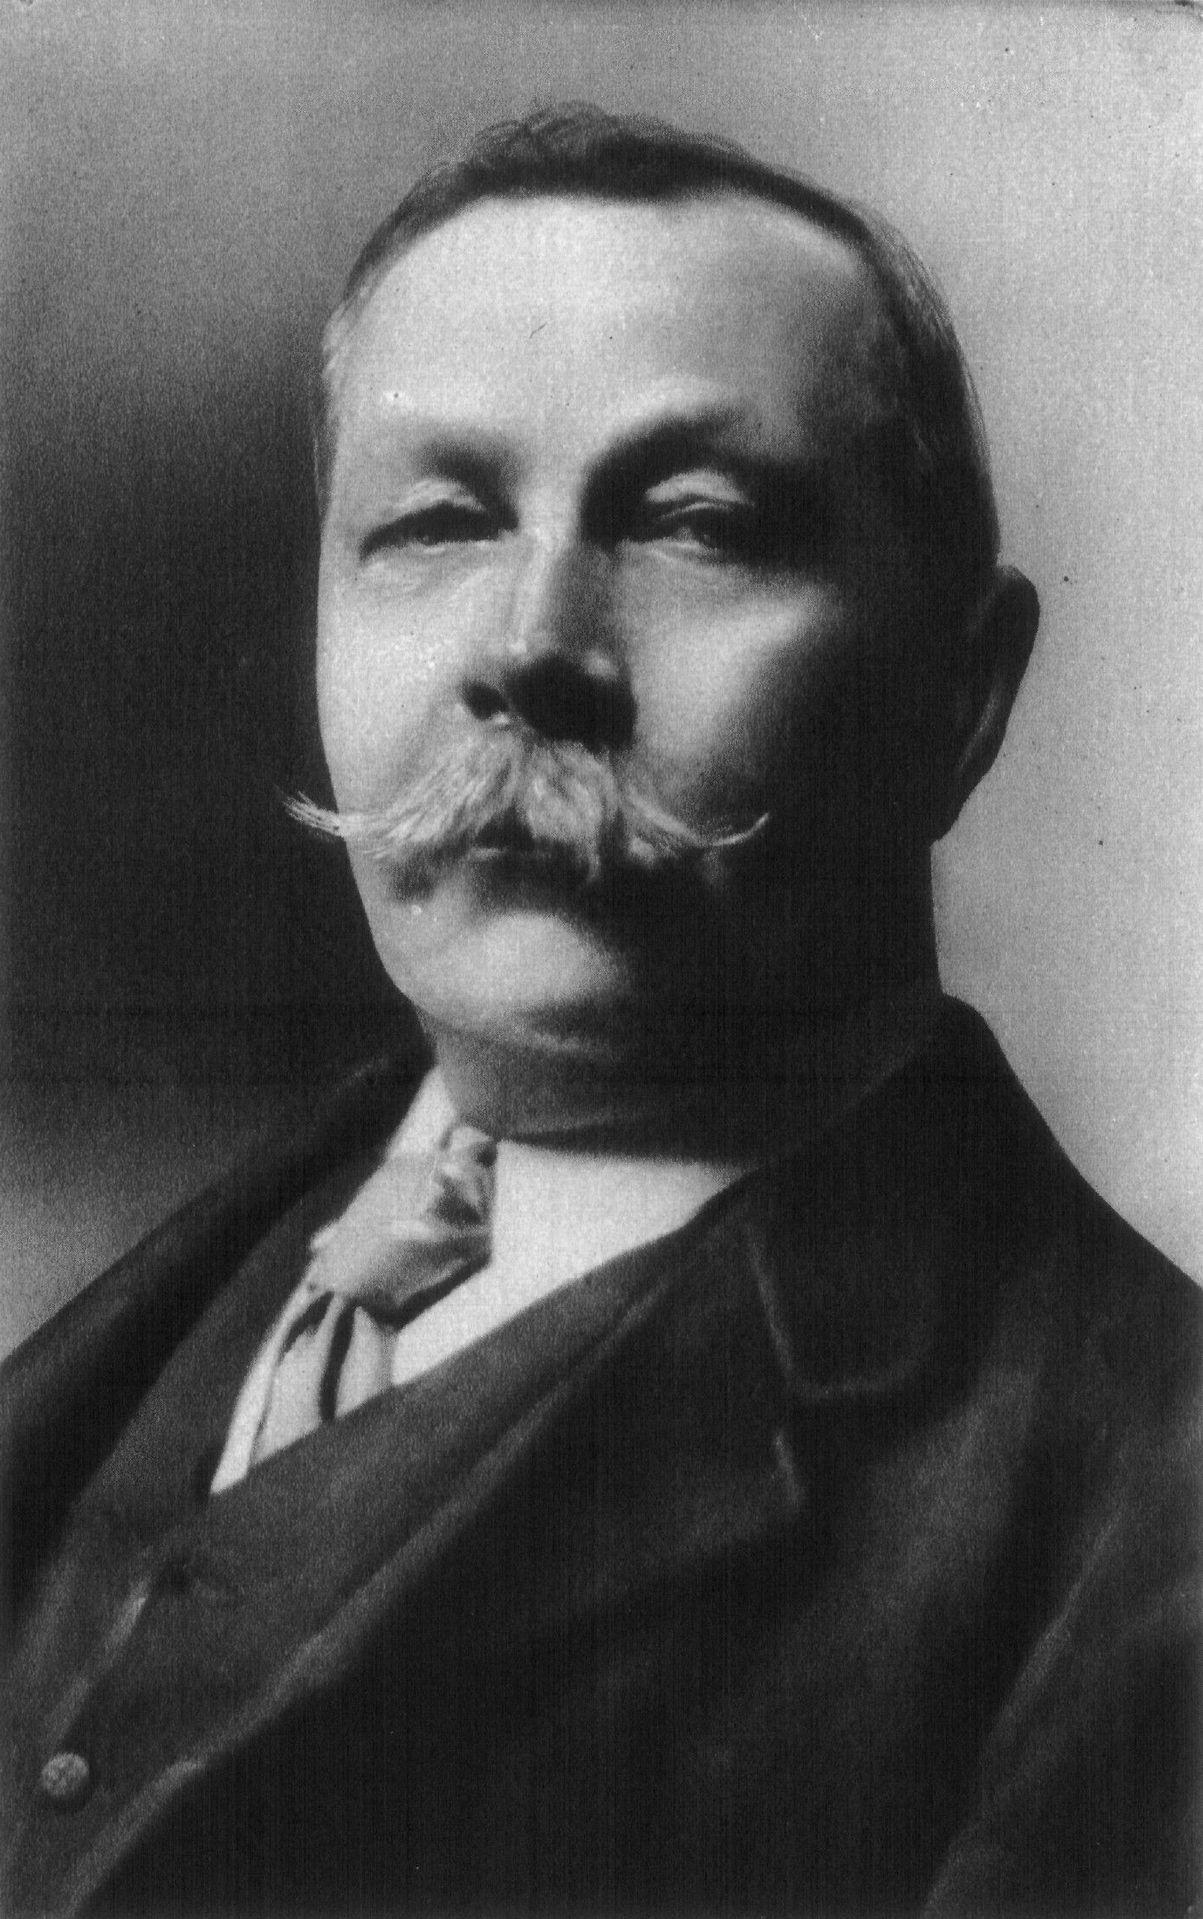 image of Arthur Conan Doyle from public domain https://en.wikipedia.org/wiki/Arthur_Conan_Doyle#/media/File:Conan_doyle.jpg